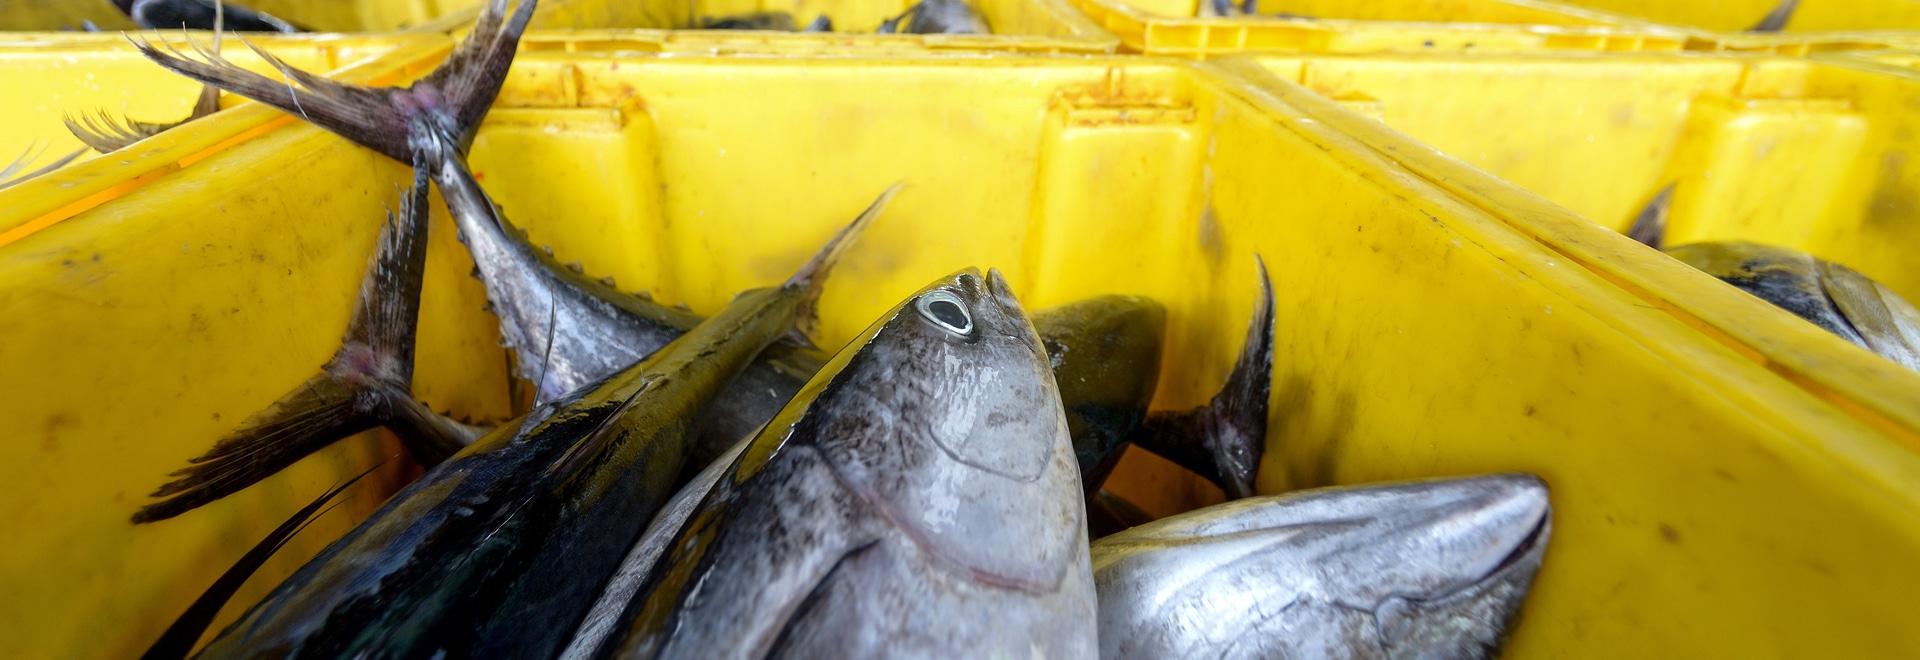 Energia pulita in acquacoltura: utilizzare la tecnologia per coltivare pesci sani